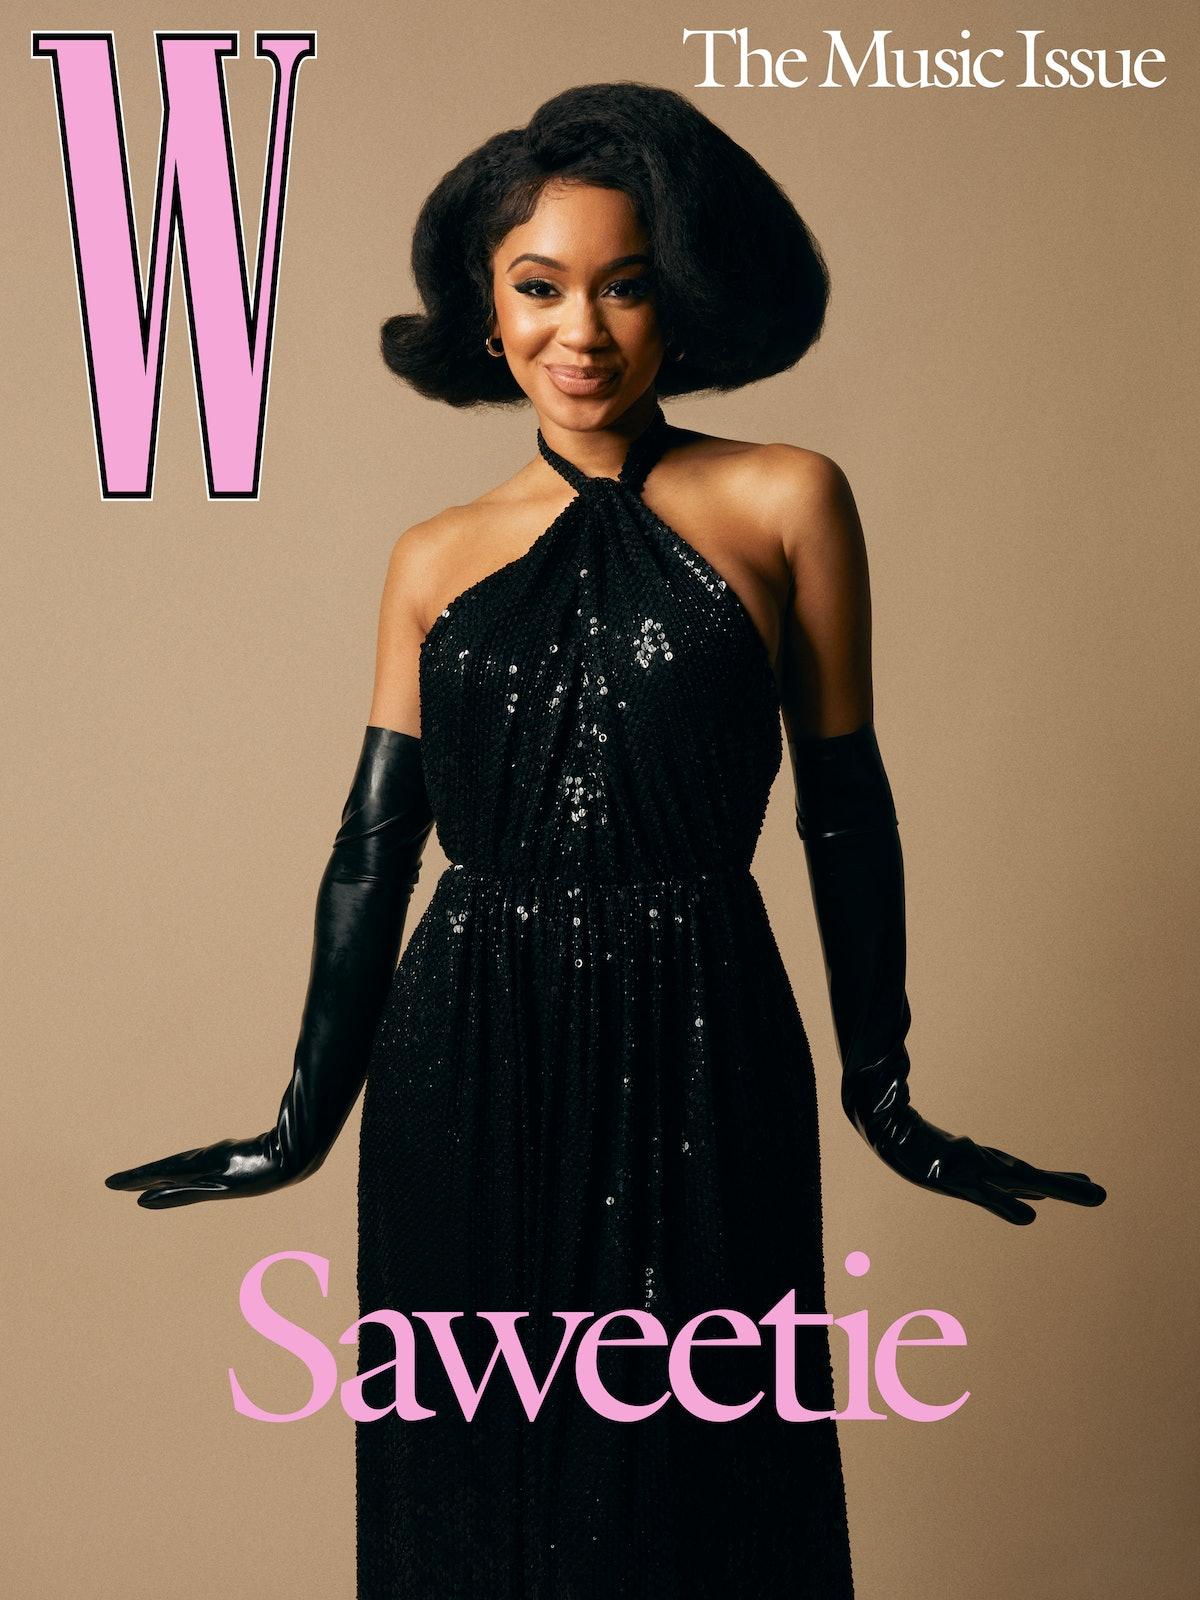 Saweetie wears a Celine by Hedi Slimane dress;  Khiry earrings; stylist's own gloves.